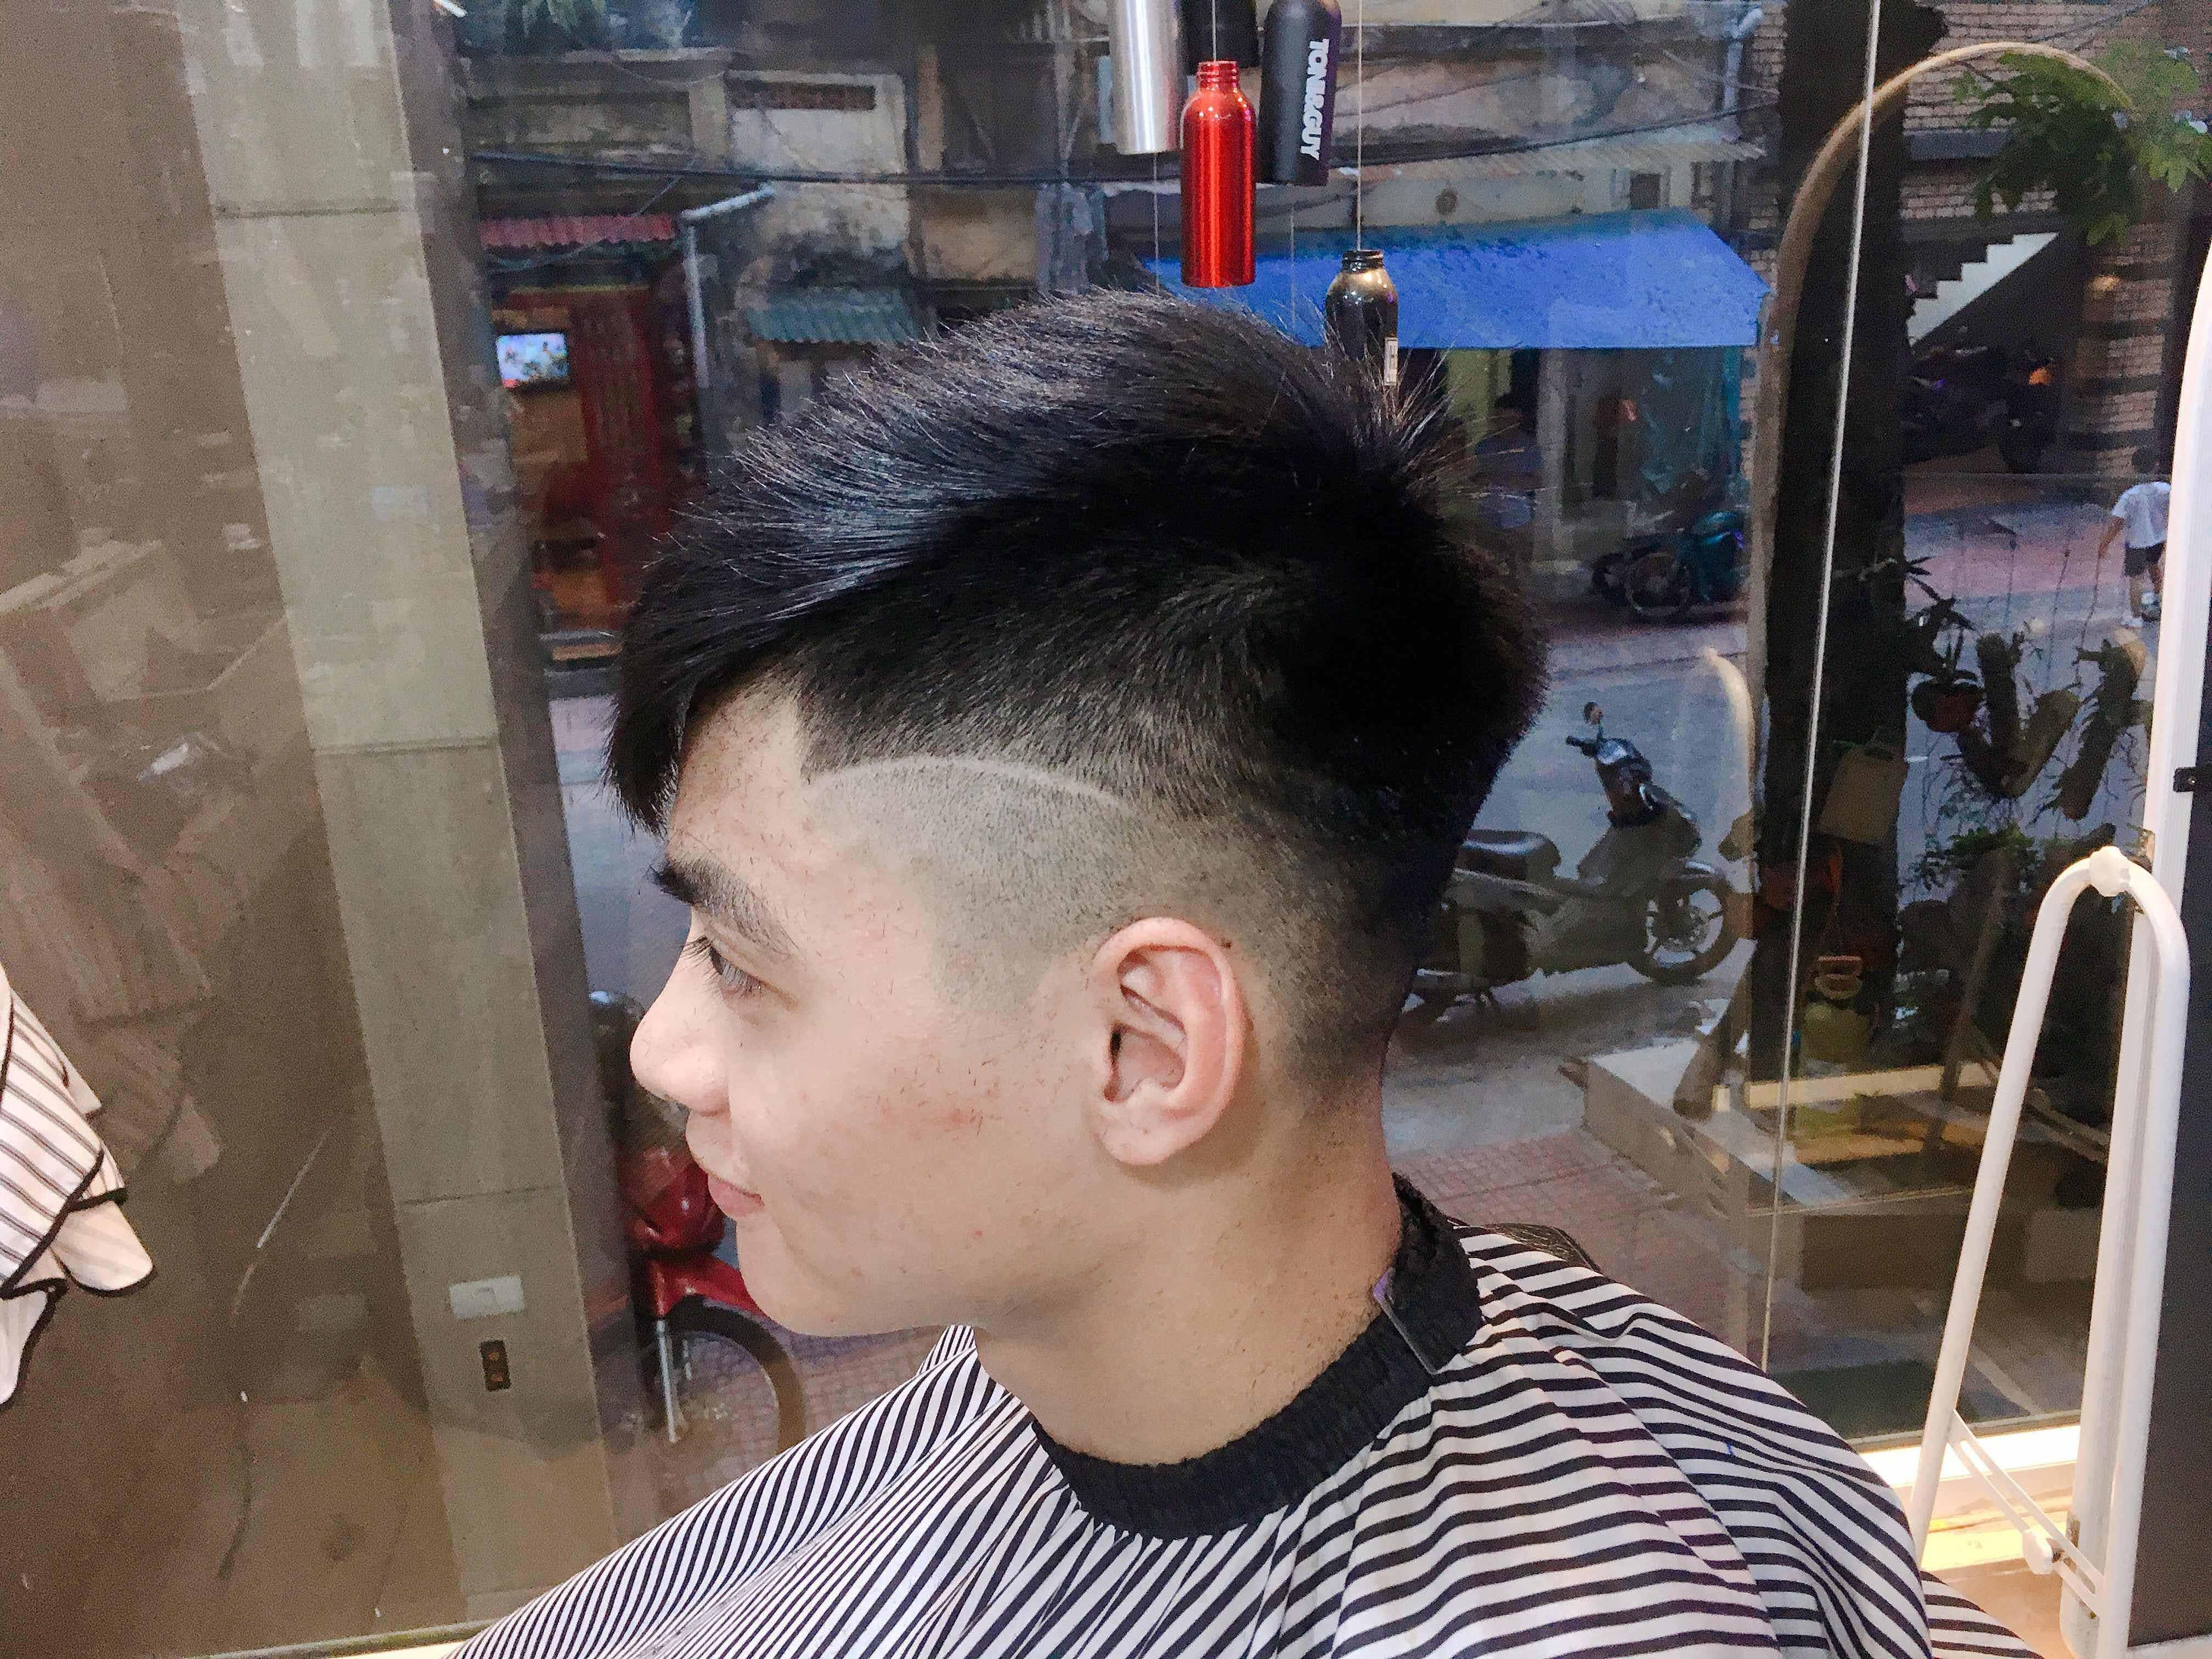 Học Barber giá bao nhiêu? Chỗ nào dạy tốt và bài bản uy tín nhất Hà Nội